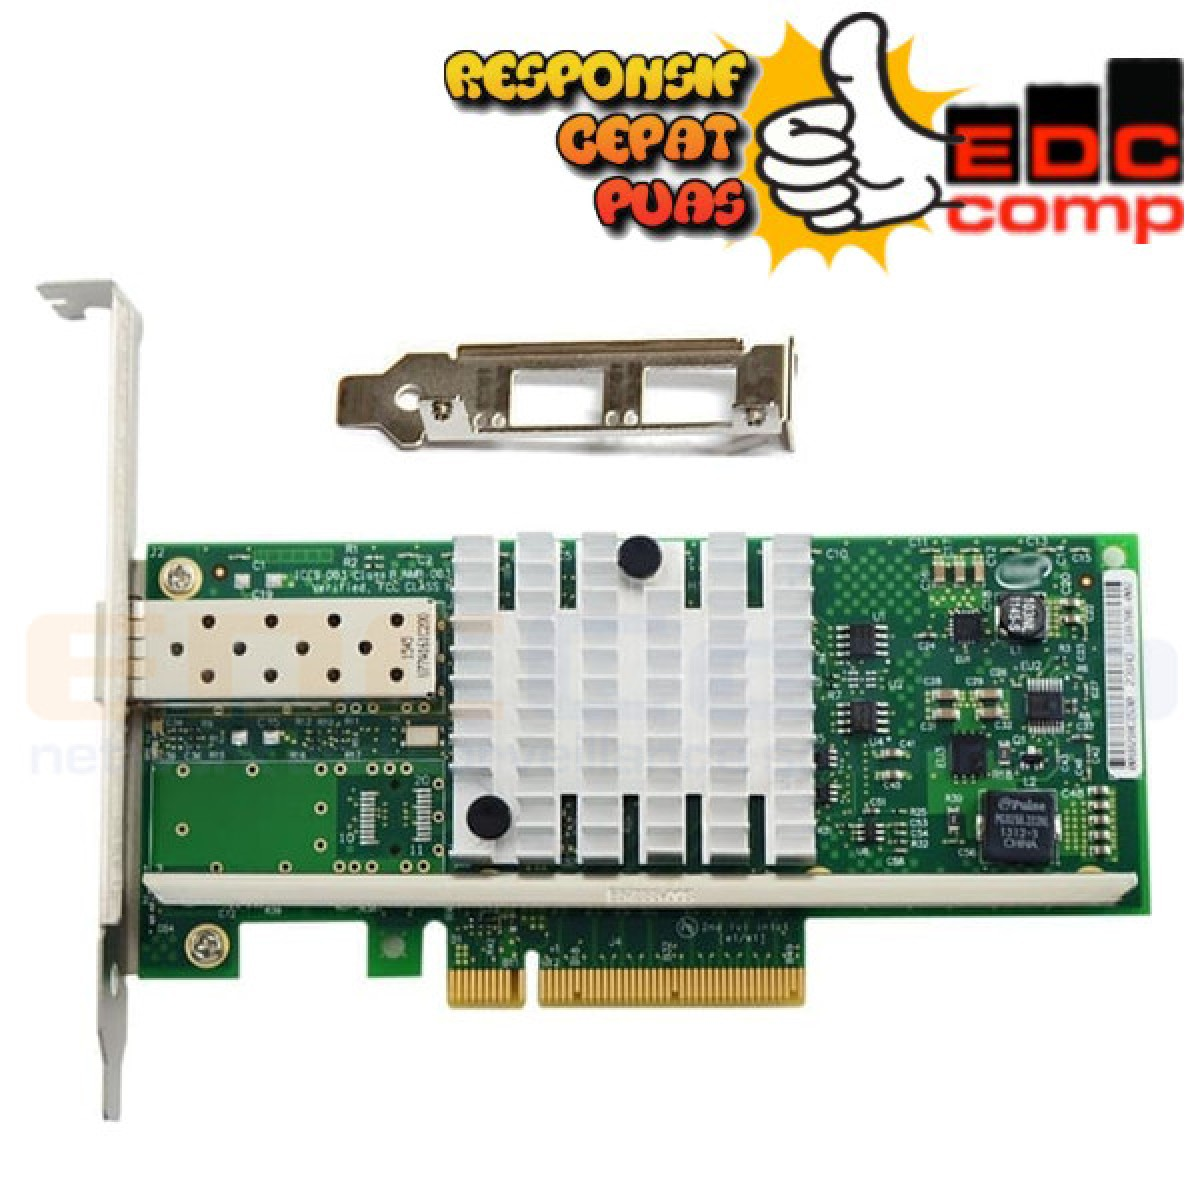 Intel X520-DA1 10G 82599ES PCl-E SFP Ethernet Server - EdcComp